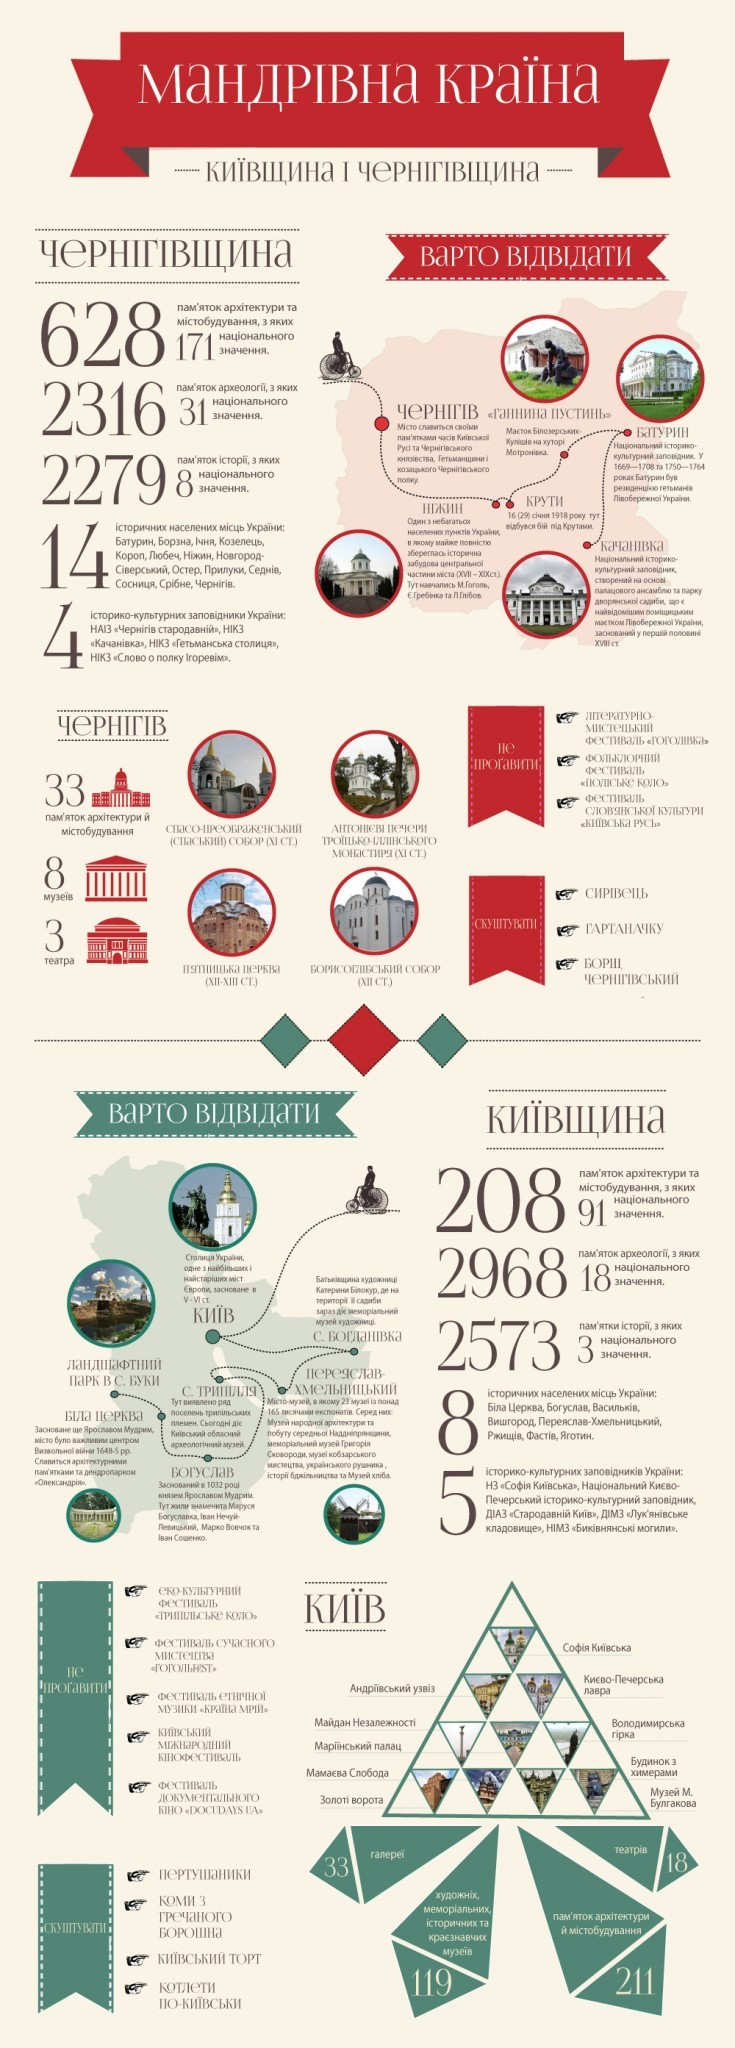 Мандрівна країна: Чернівці серед 6 регіонів України, які обов'язково слід відвідати цього літа